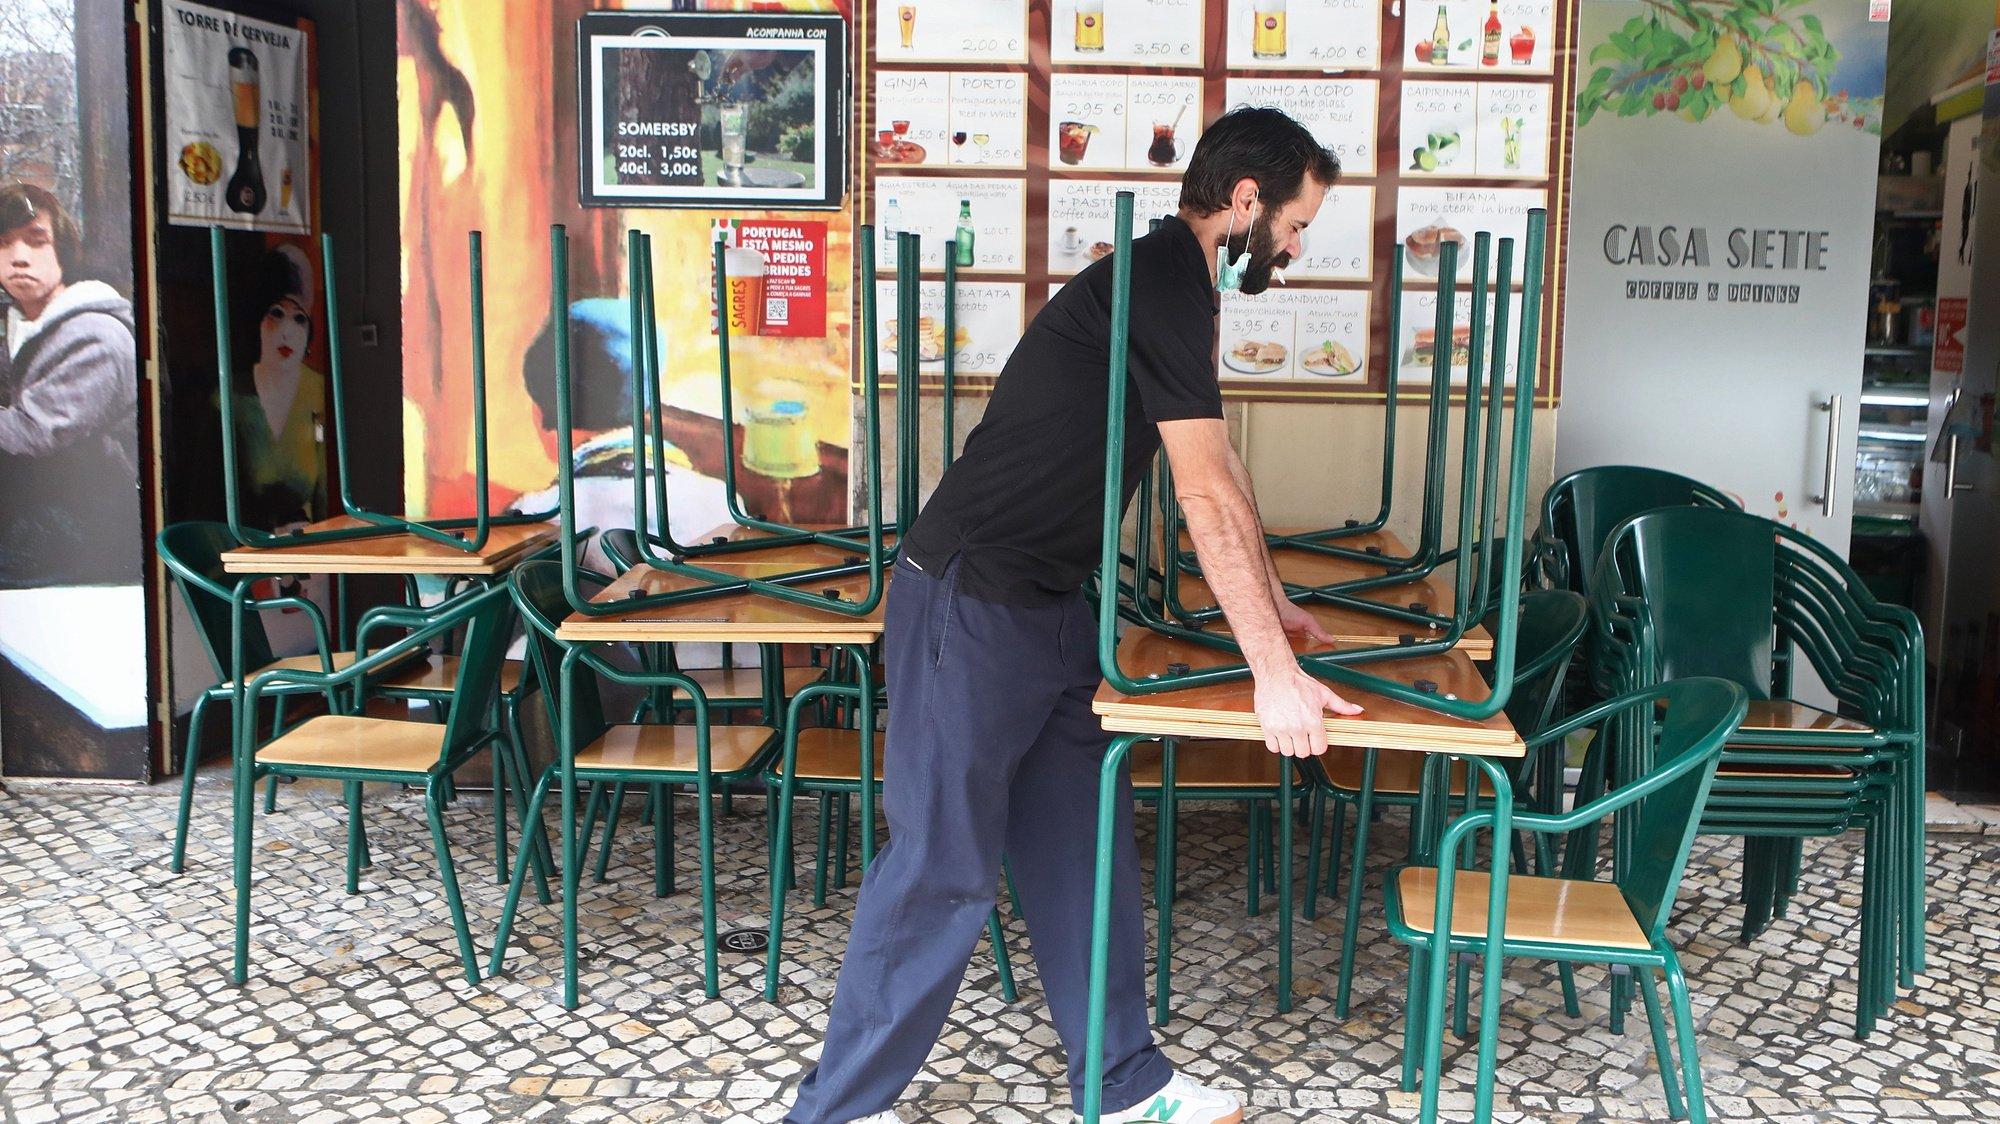 O funcionário de um restaurante encerra o espaço às 13h, horas do início do recolher obrigatório do estado de emergência no âmbito das medidas de contenção da covid-19, em Lisboa, 14 de novembro de 2020. Com 191 concelhos em risco em Portugal, o Conselho de Ministros decretou o encerramento de todos os estabelecimentos comerciais e restauração a partir das 13h00 até às 08h00 do dia seguinte, tanto no sábado como no domingo, para além do confinamento obrigatório para toda a população dos concelhos em risco a partir das 13h. ANTÓNIO PEDRO SANTOS/LUSA